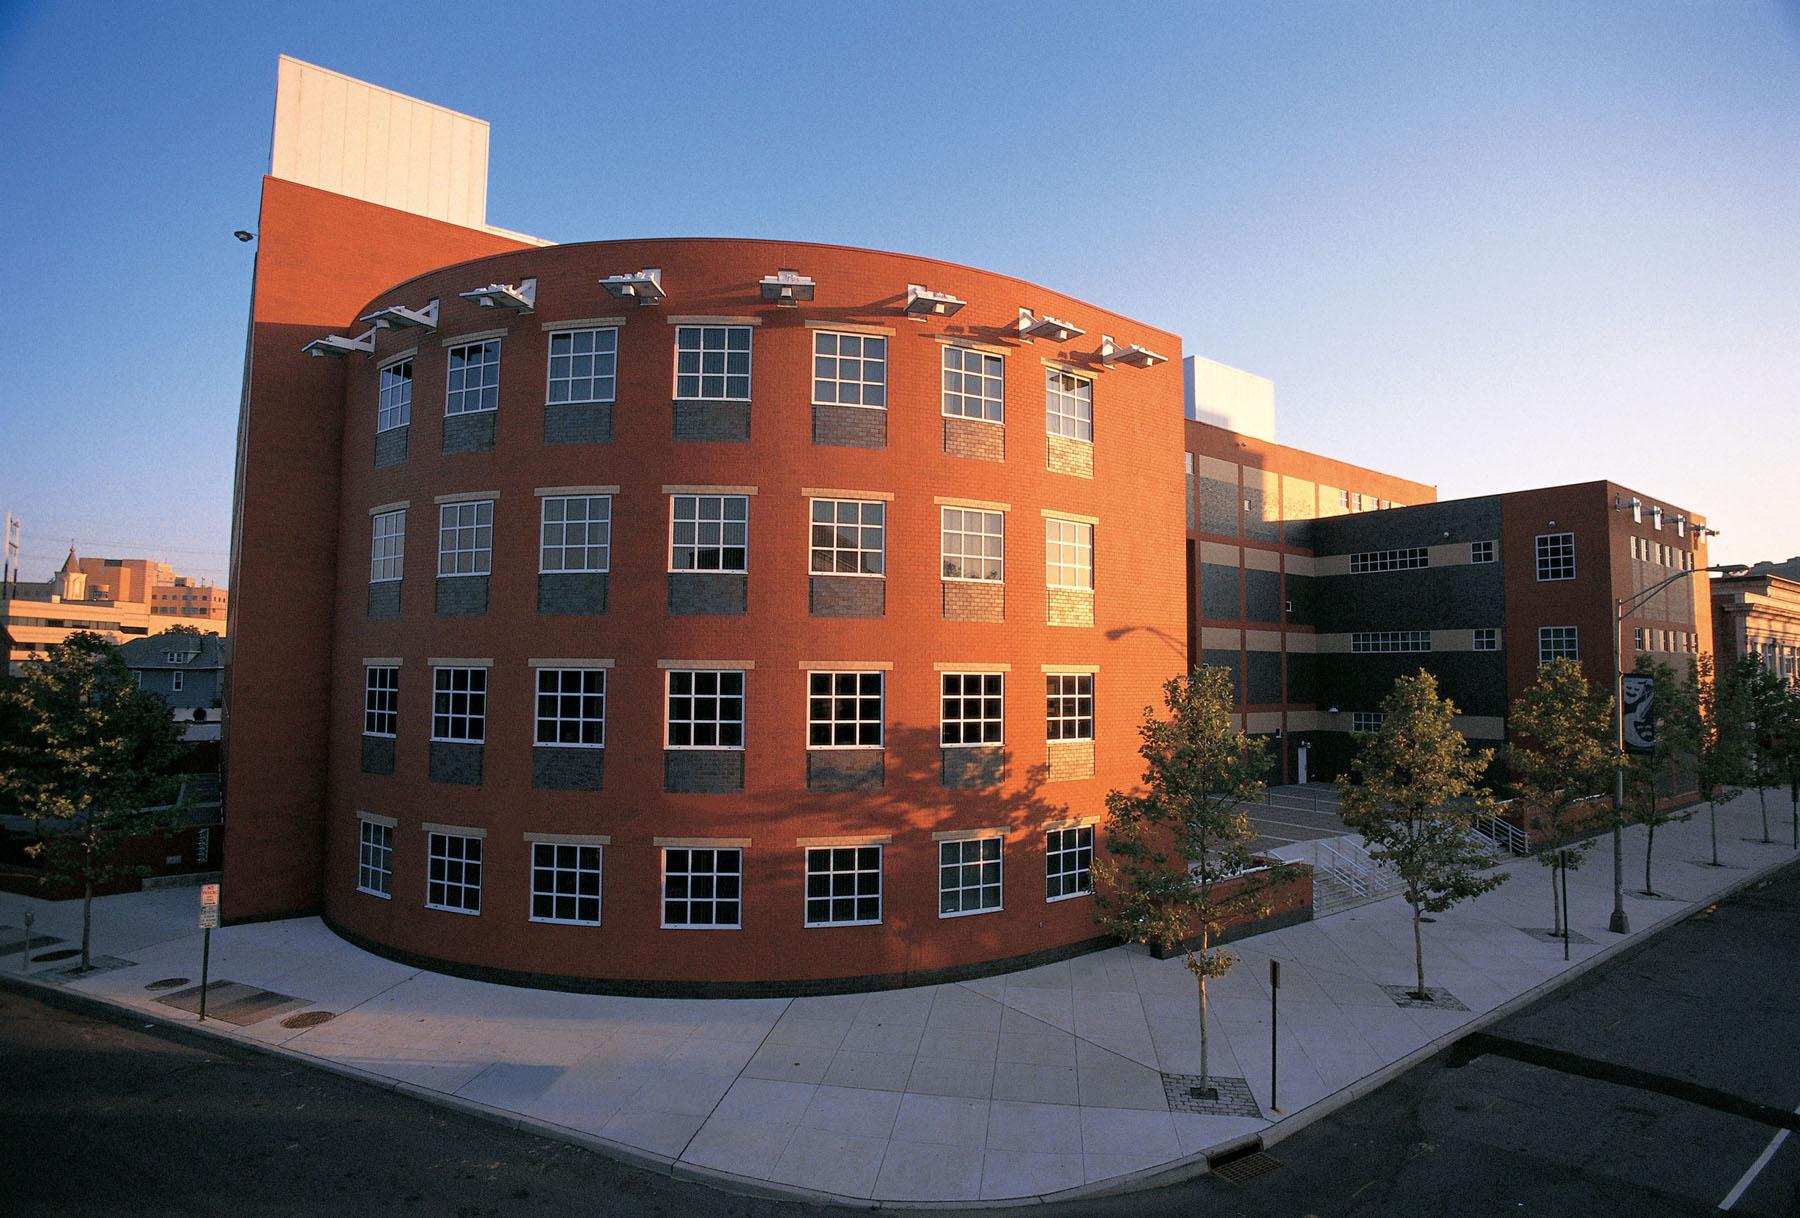 Rutgers University, Edward J. Bloustein School